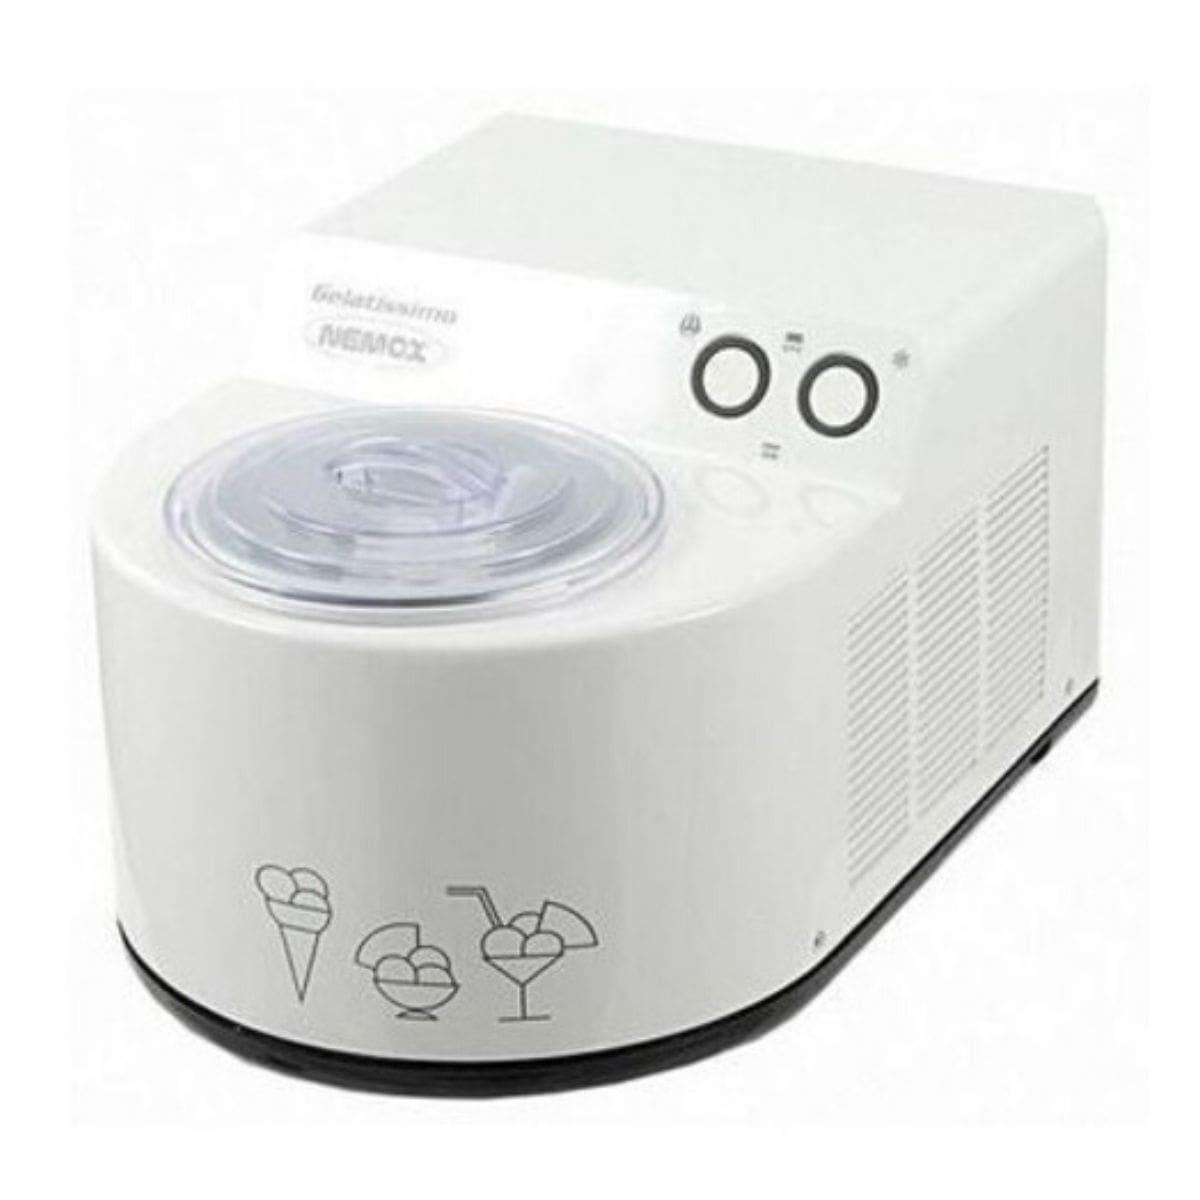 Мороженица Nemox Gelatissimo Classic белая 1,7 л (автоматическая)